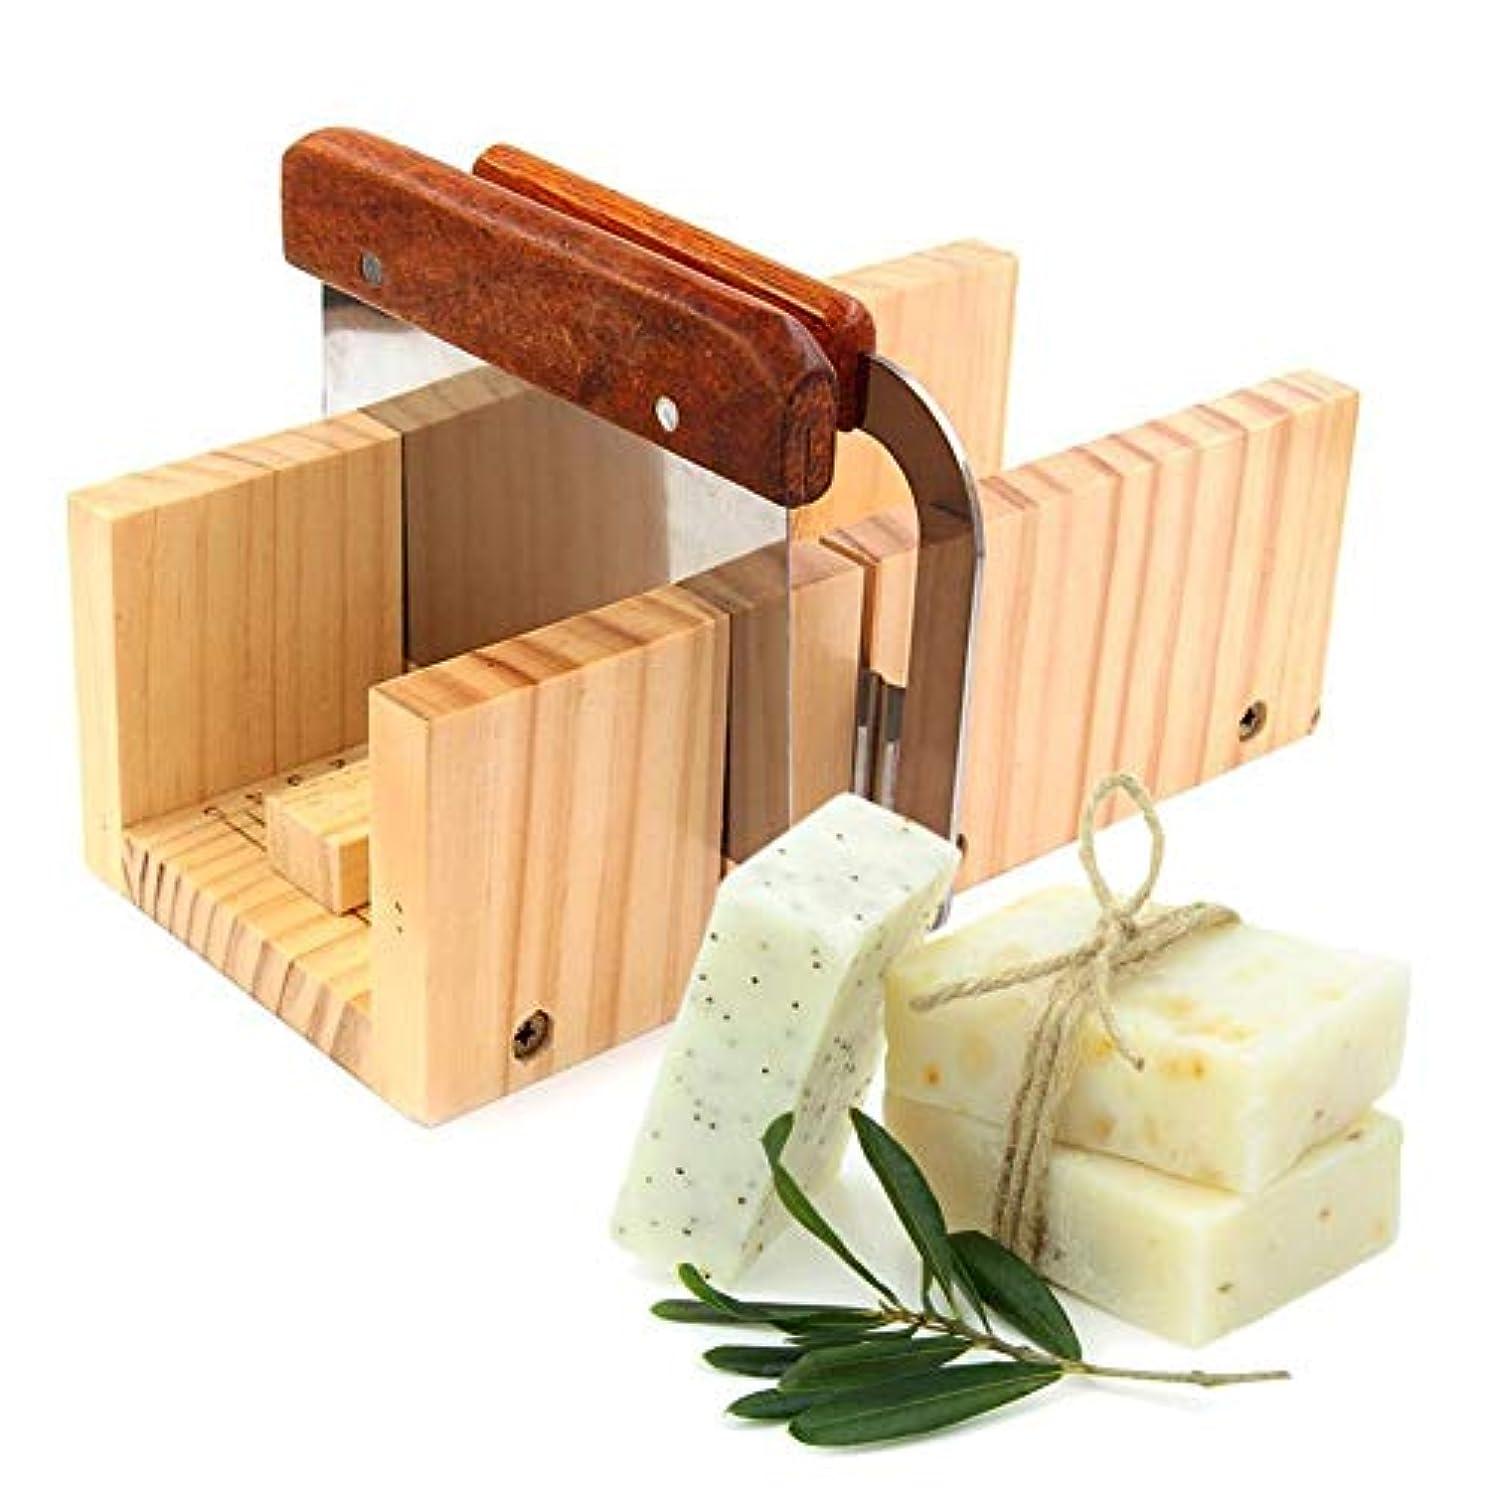 届ける変化補助金Ragem ソープカッター 手作り石鹸金型 木製 ローフカッターボックス 調整可能 多機能ソープ切削工具 ストレートプレーニングツール